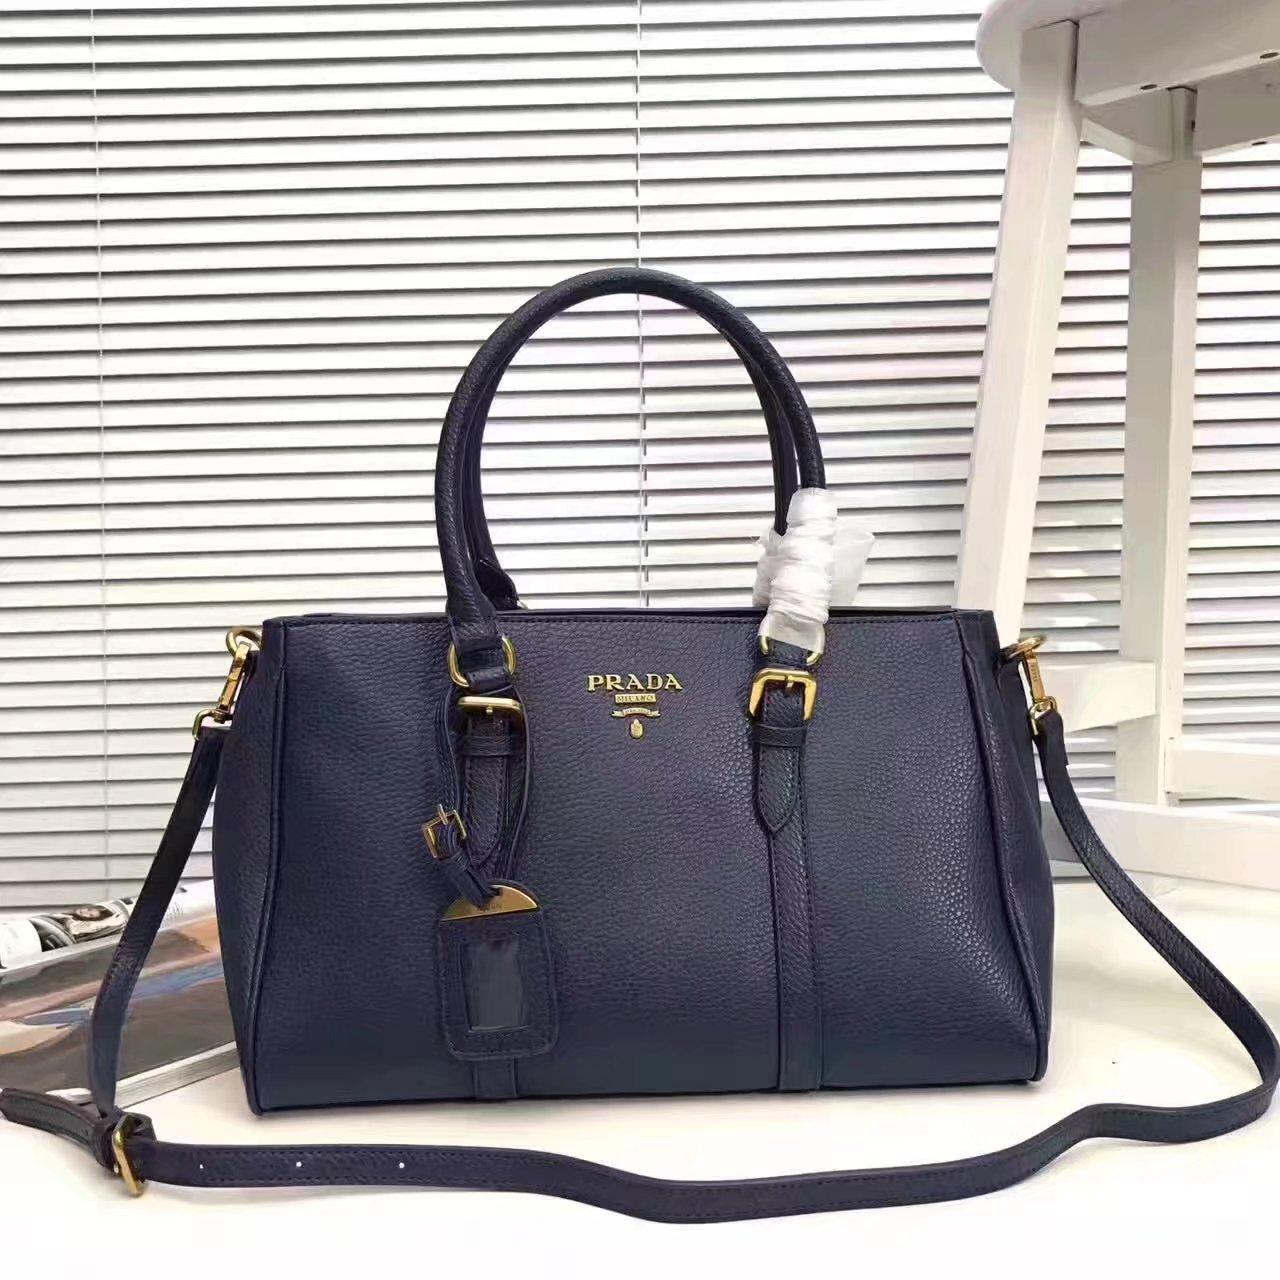 Prada 2996 Women 175 Tote Handbag Blue